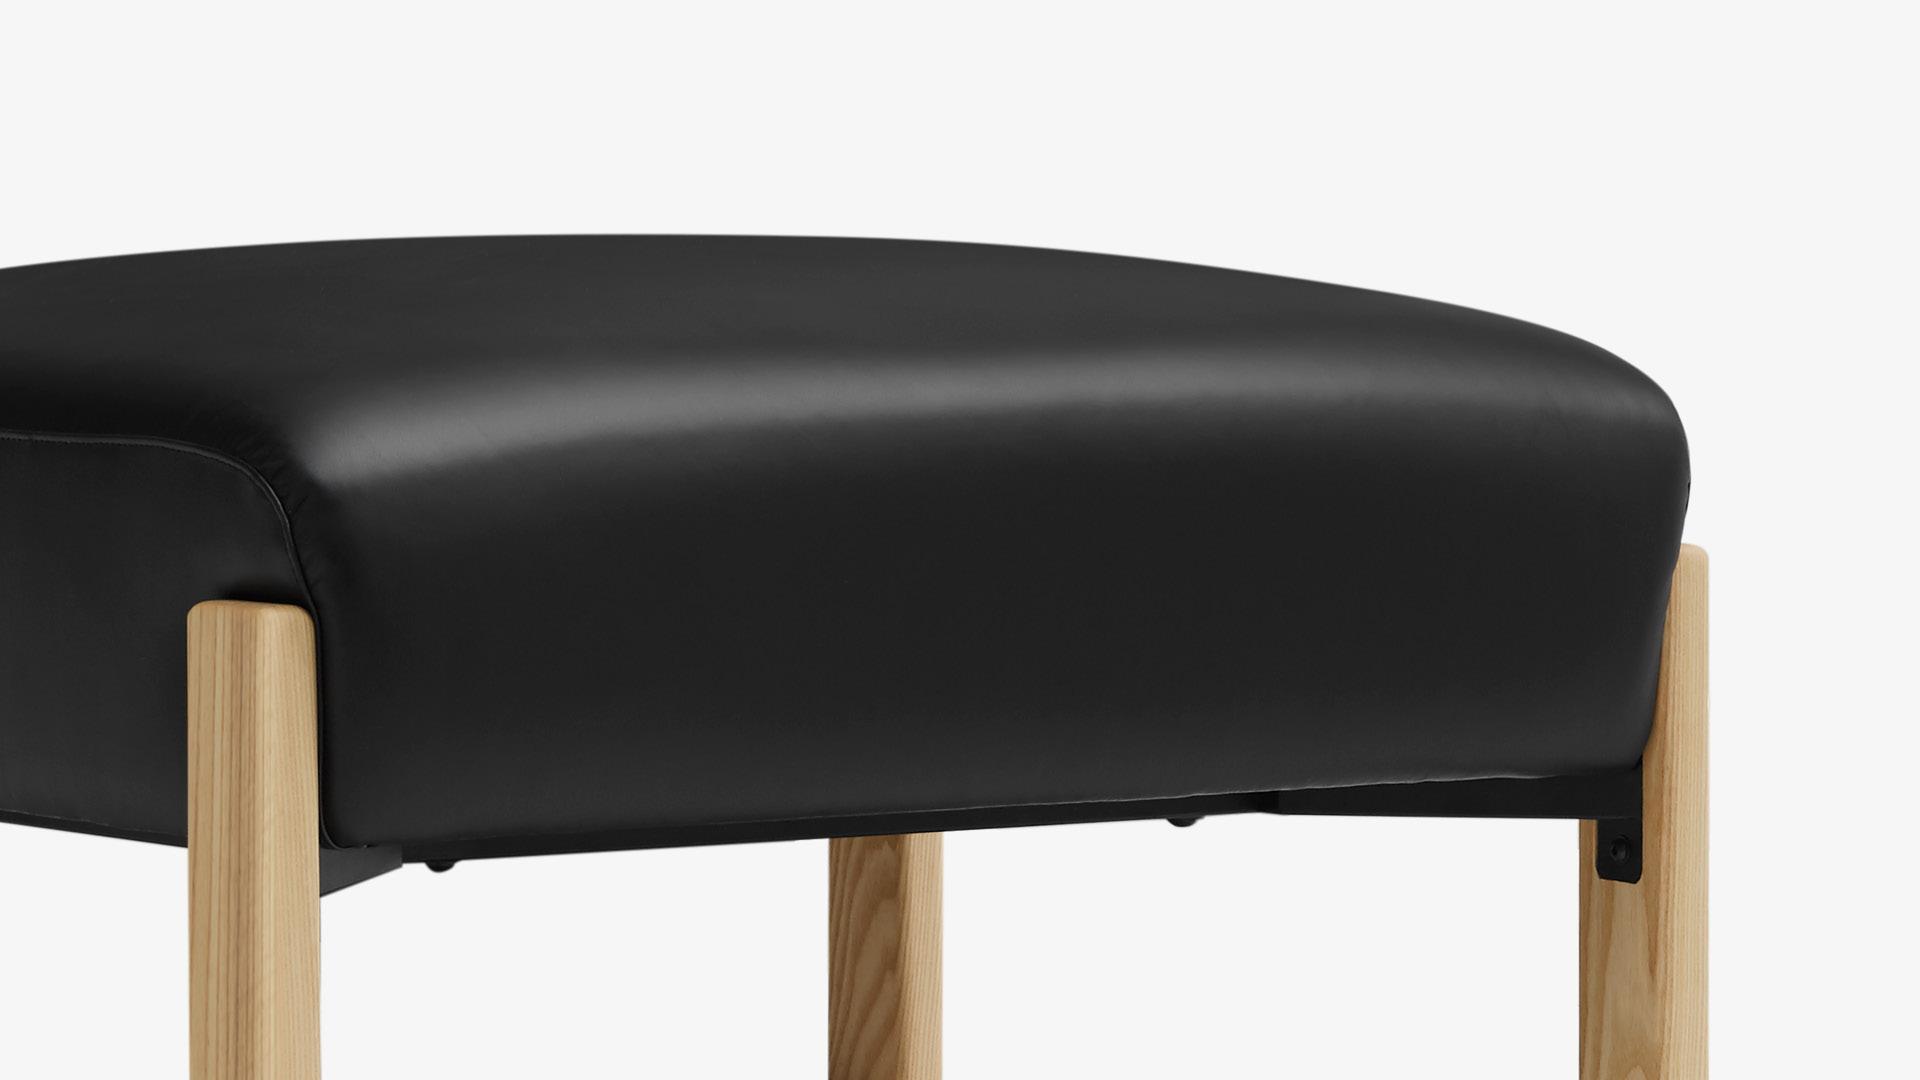 三明治坐垫结构,高回弹海绵,久坐不凹陷